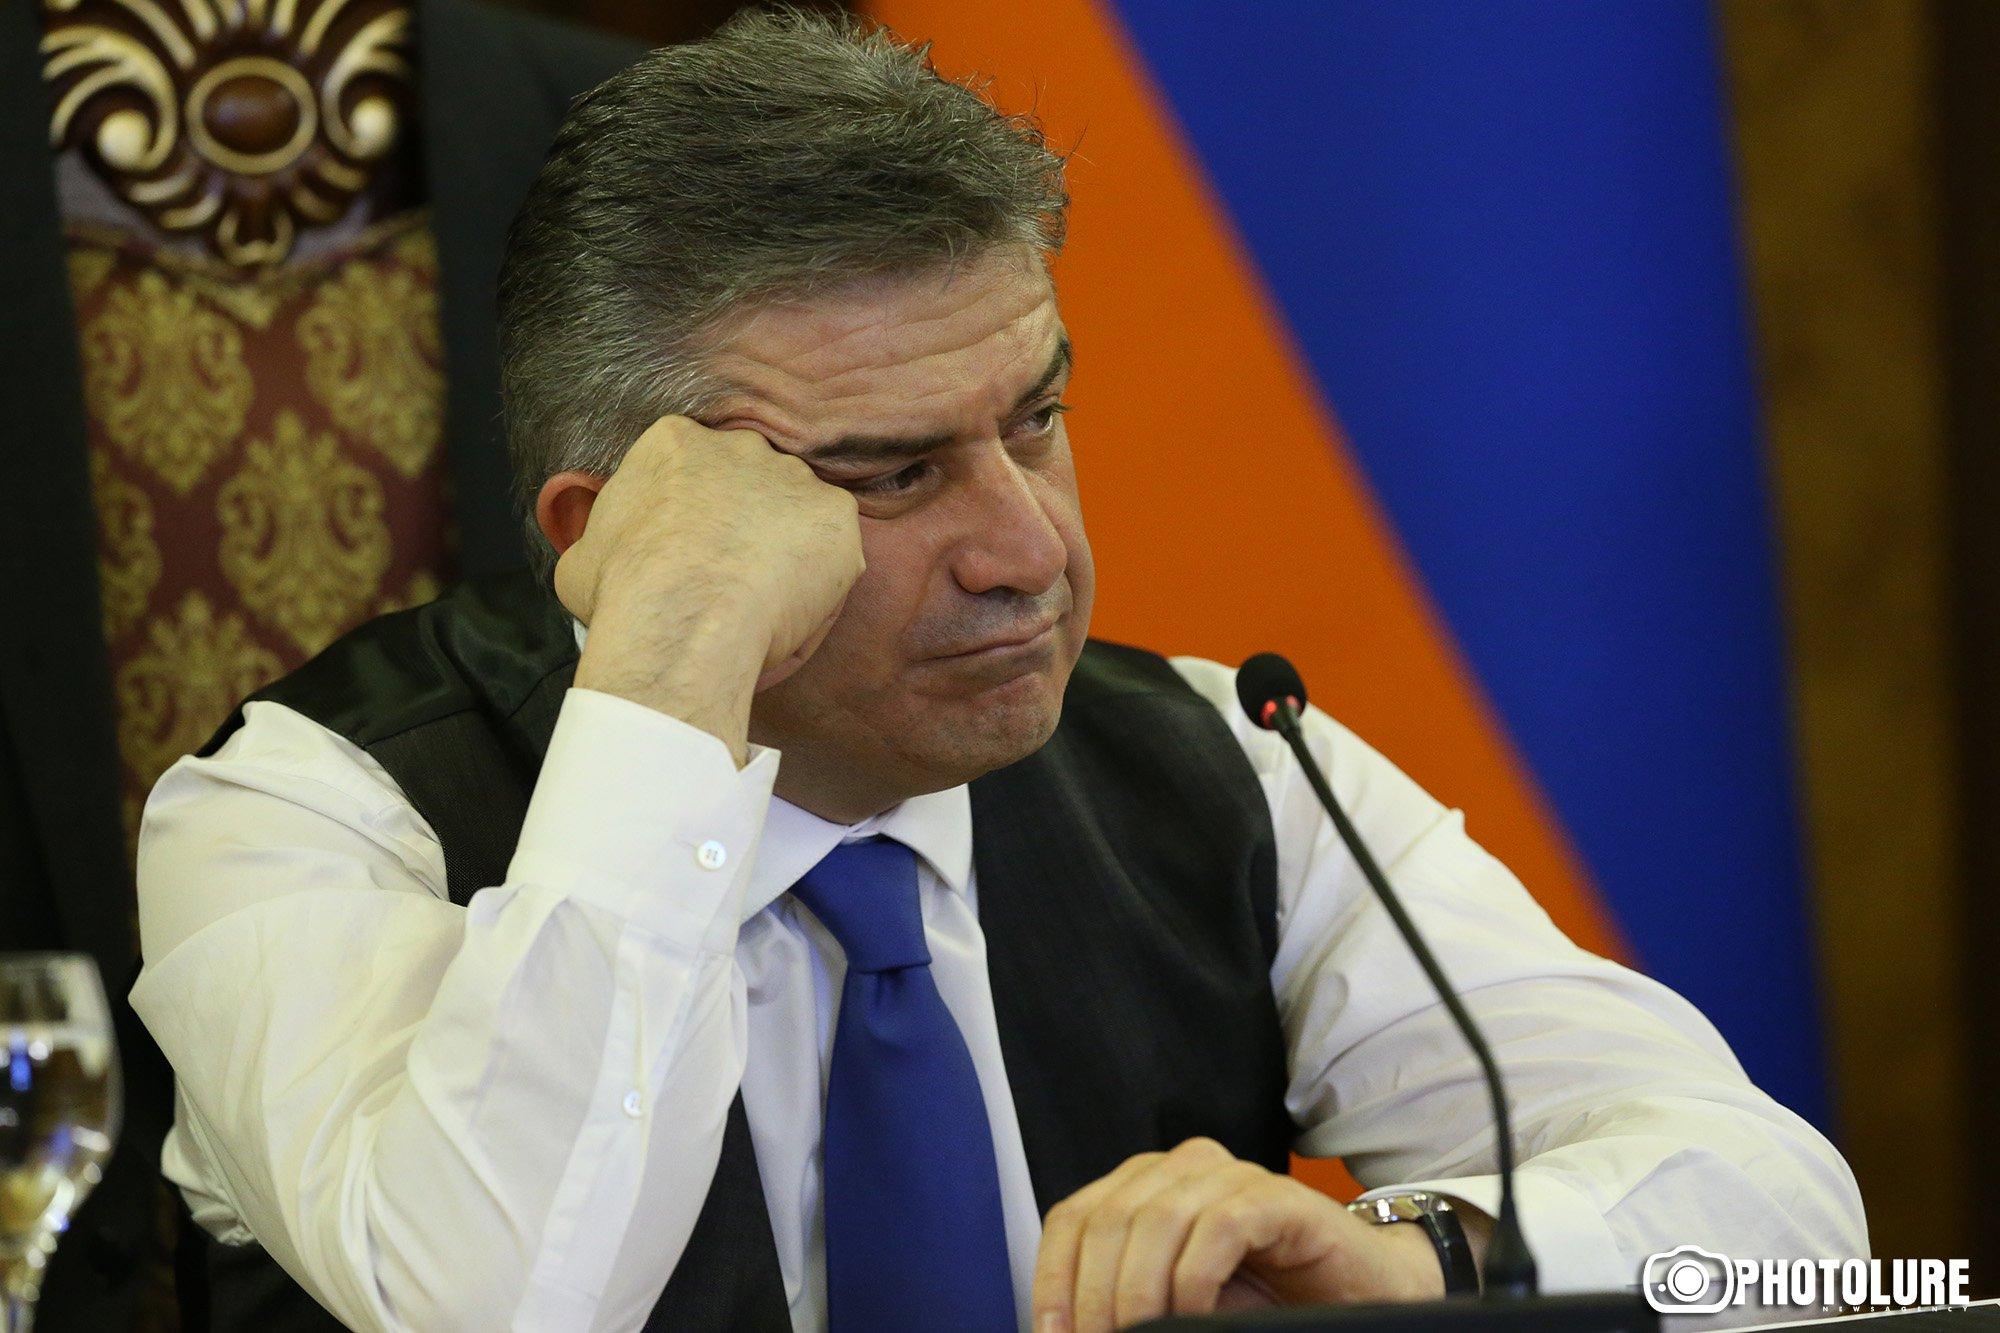 «Հրապարակ». Կարեն Կարապետյանի սիրտը շահելու համար նոր պաշտոն են մտադիր ստեղծել